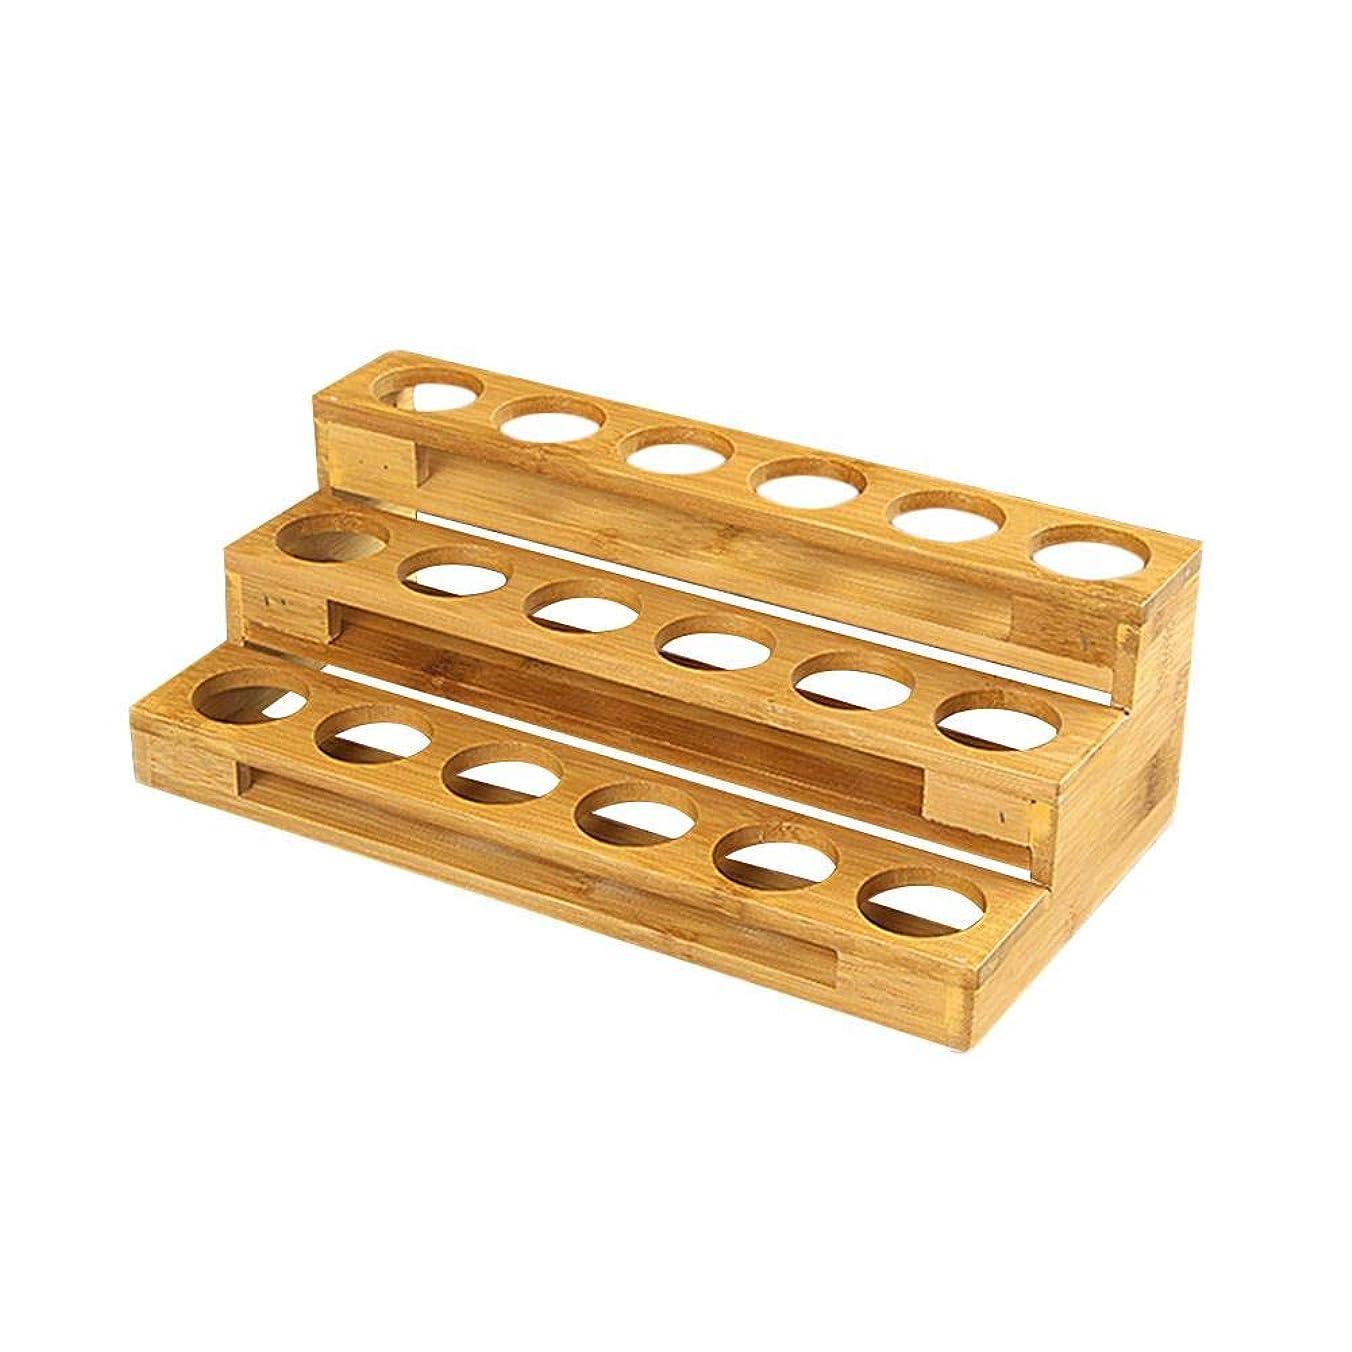 矩形確保する沈黙エッセンシャルオイル収納ボックス 自然木製 エッセンシャルオイルオイル 収納 ボックス 香水収納ケース はしごタイプ アロマオイル収納ボックス 18本用